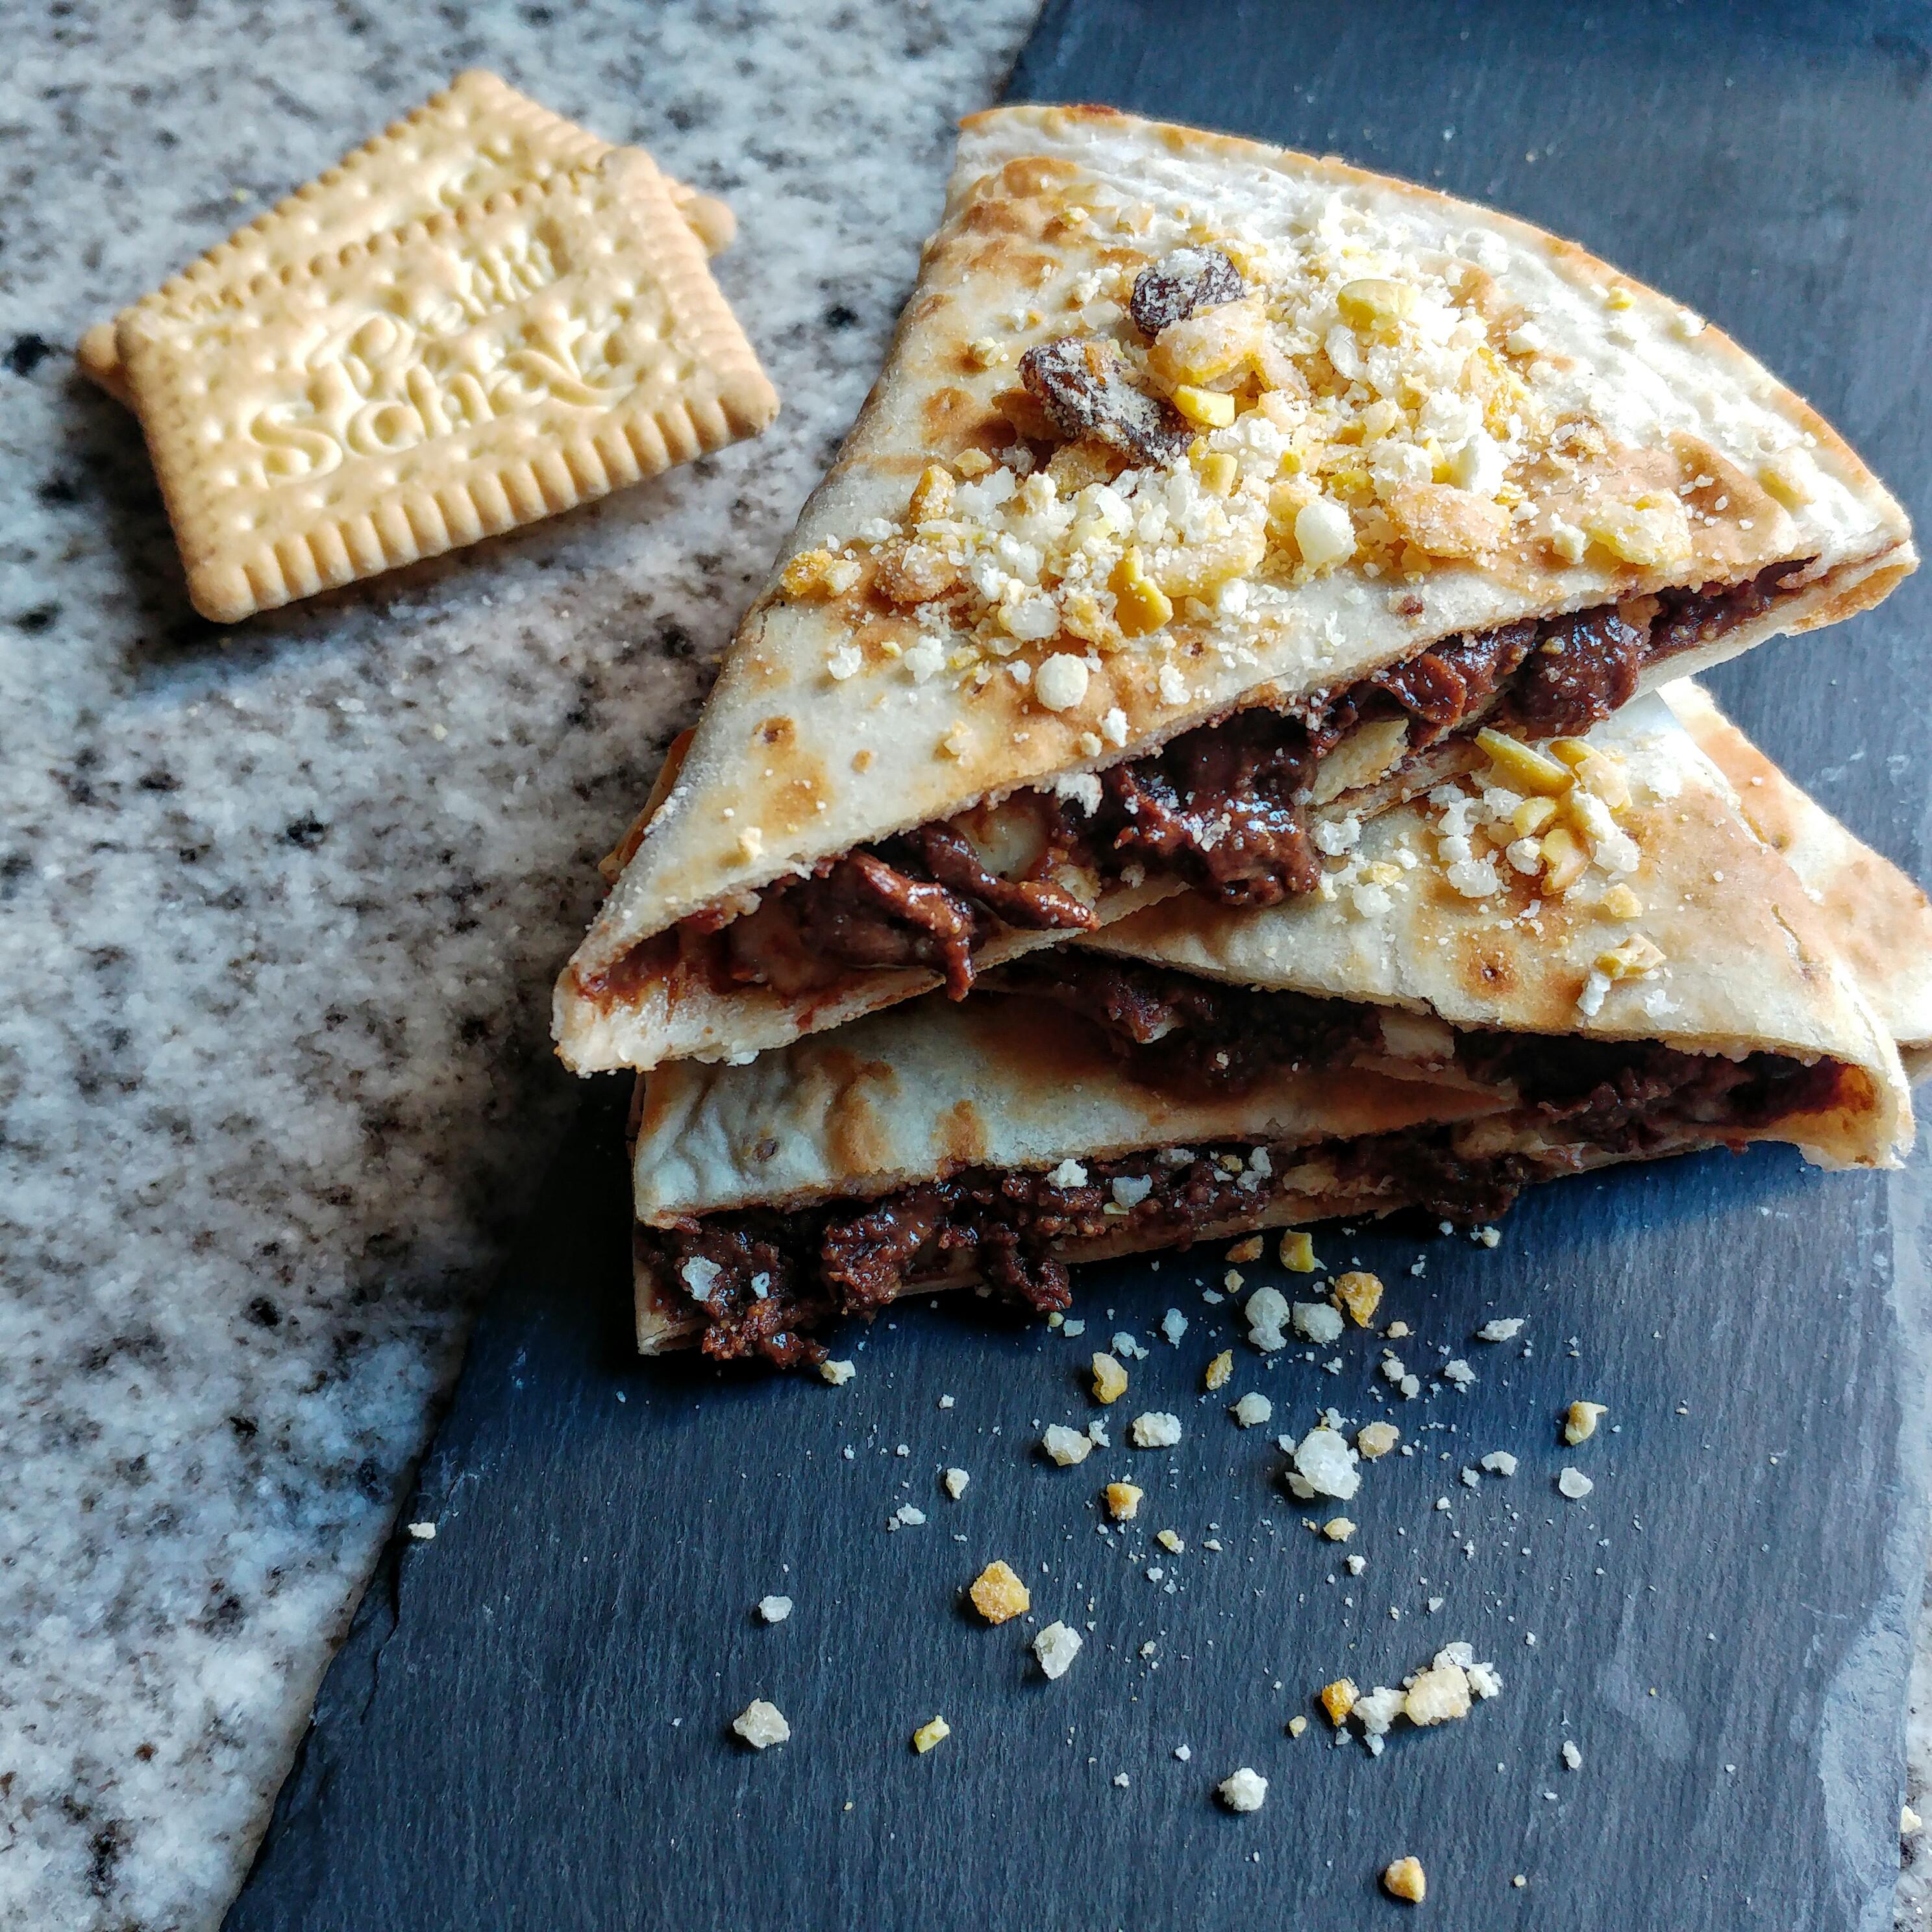 Gevoelig voor gluten? 5 Signalen! + Recept gezonde amandel-cacao-banaan quesadilla